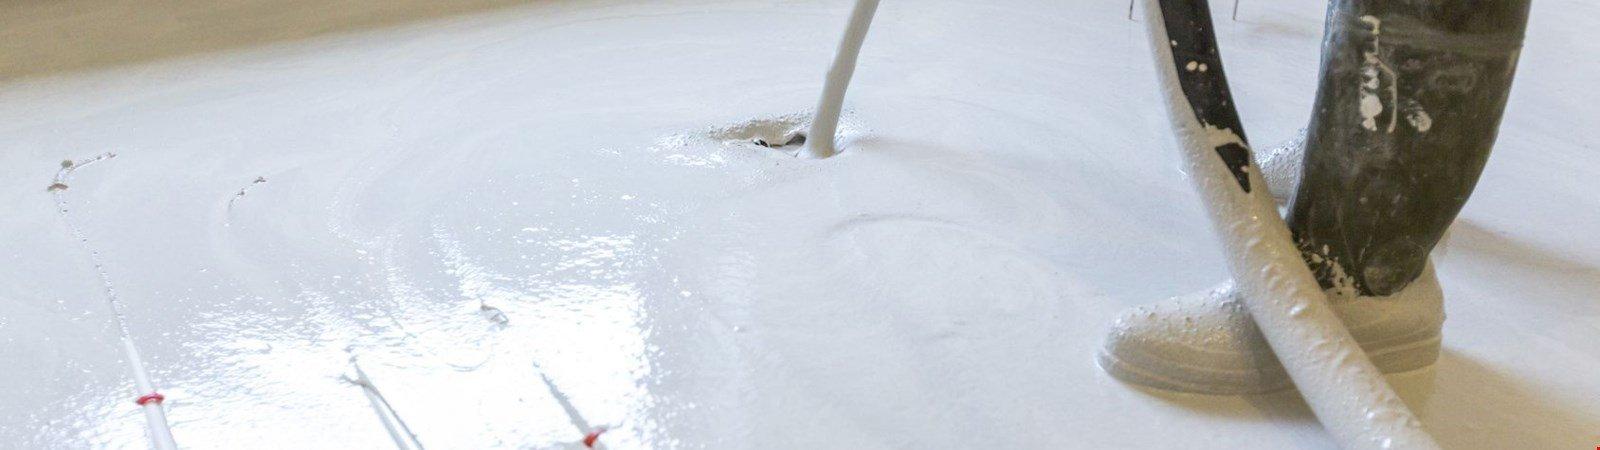 Fußbodenheizung nachrüsten: Die Flächenheizung als attraktive Sanierungslösung